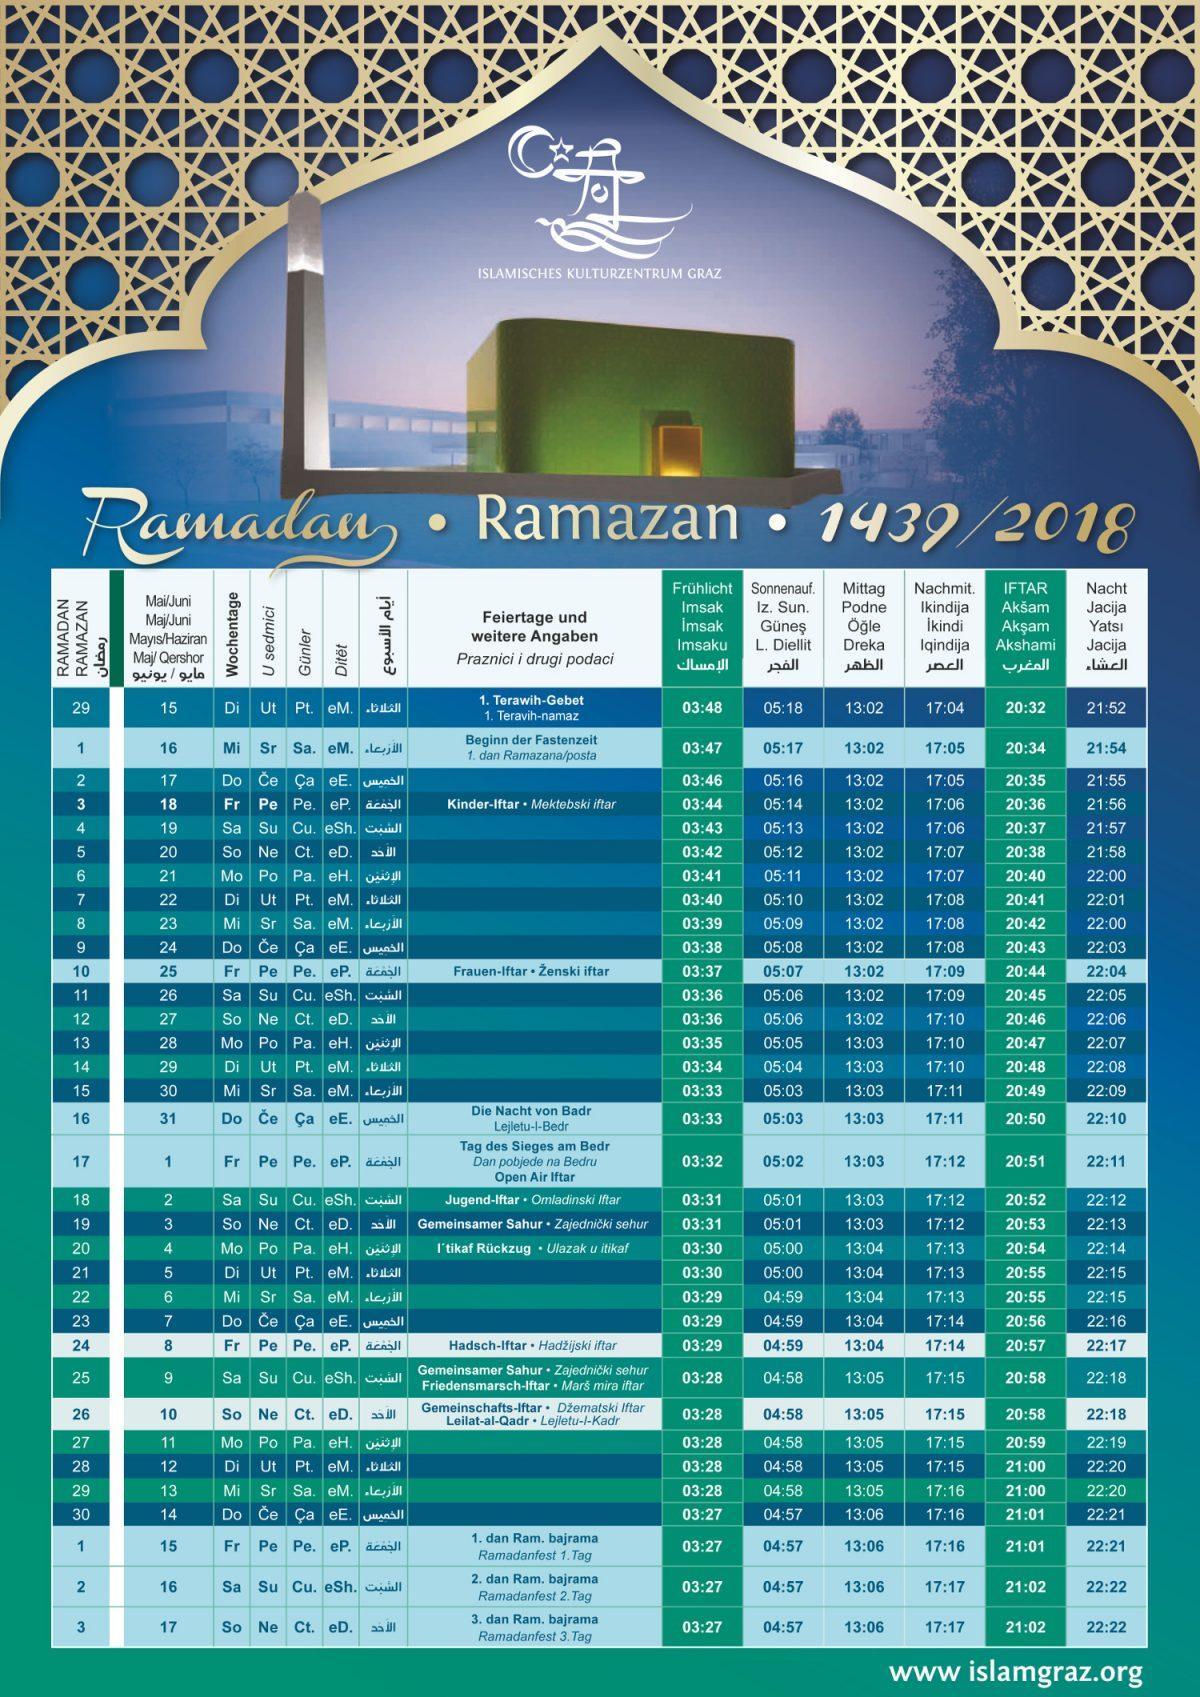 Ramadan Gebetszeiten 2018